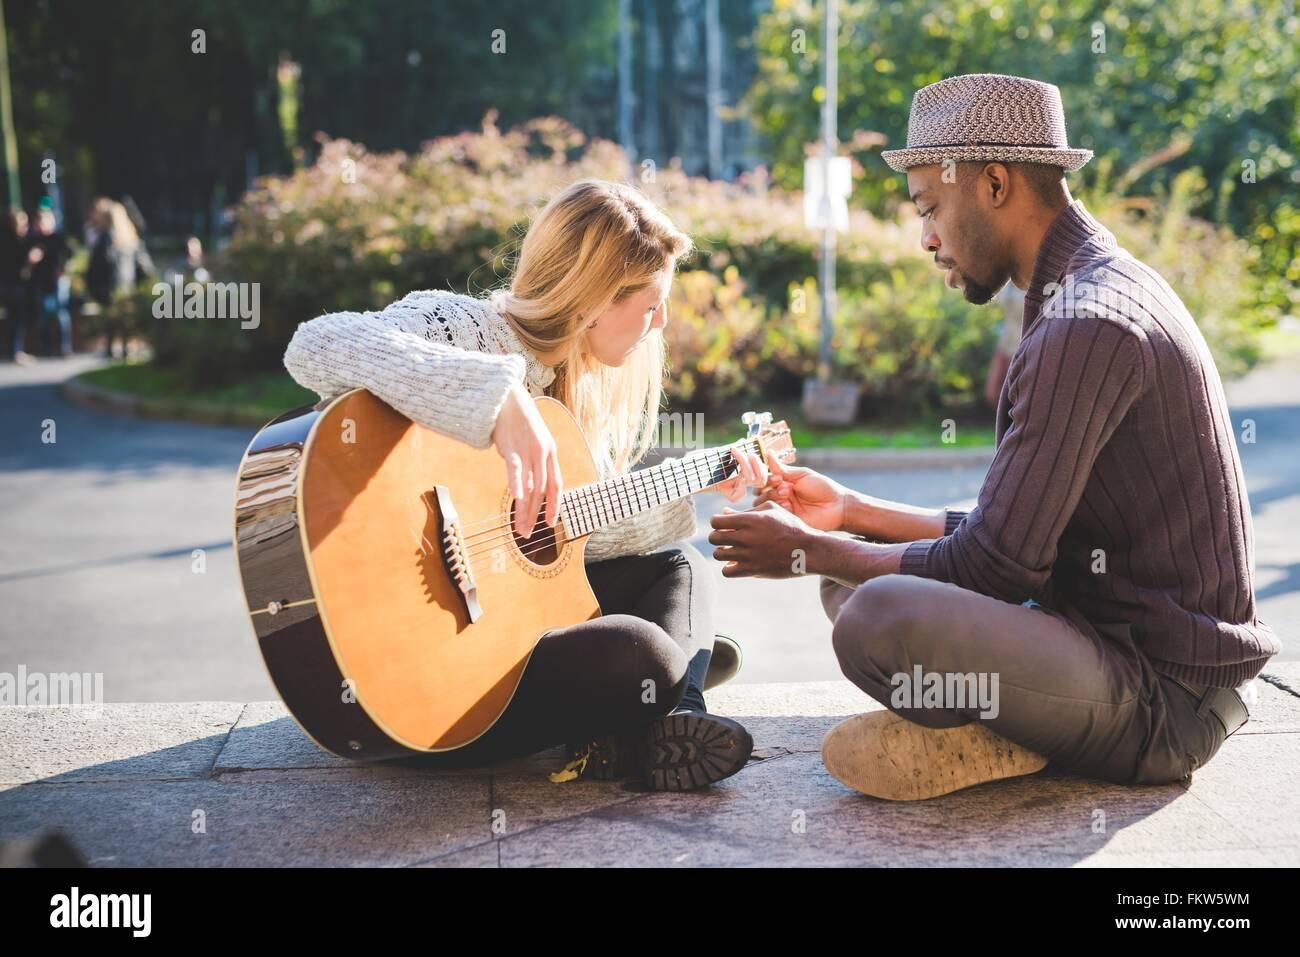 Par de aprender a tocar la guitarra en el parque Imagen De Stock